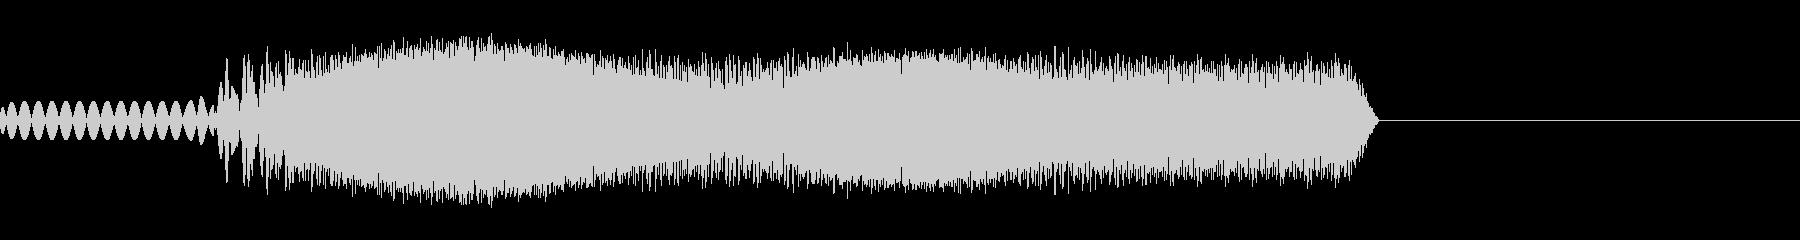 ヴァうわう(ロボットがしゃべる)の未再生の波形